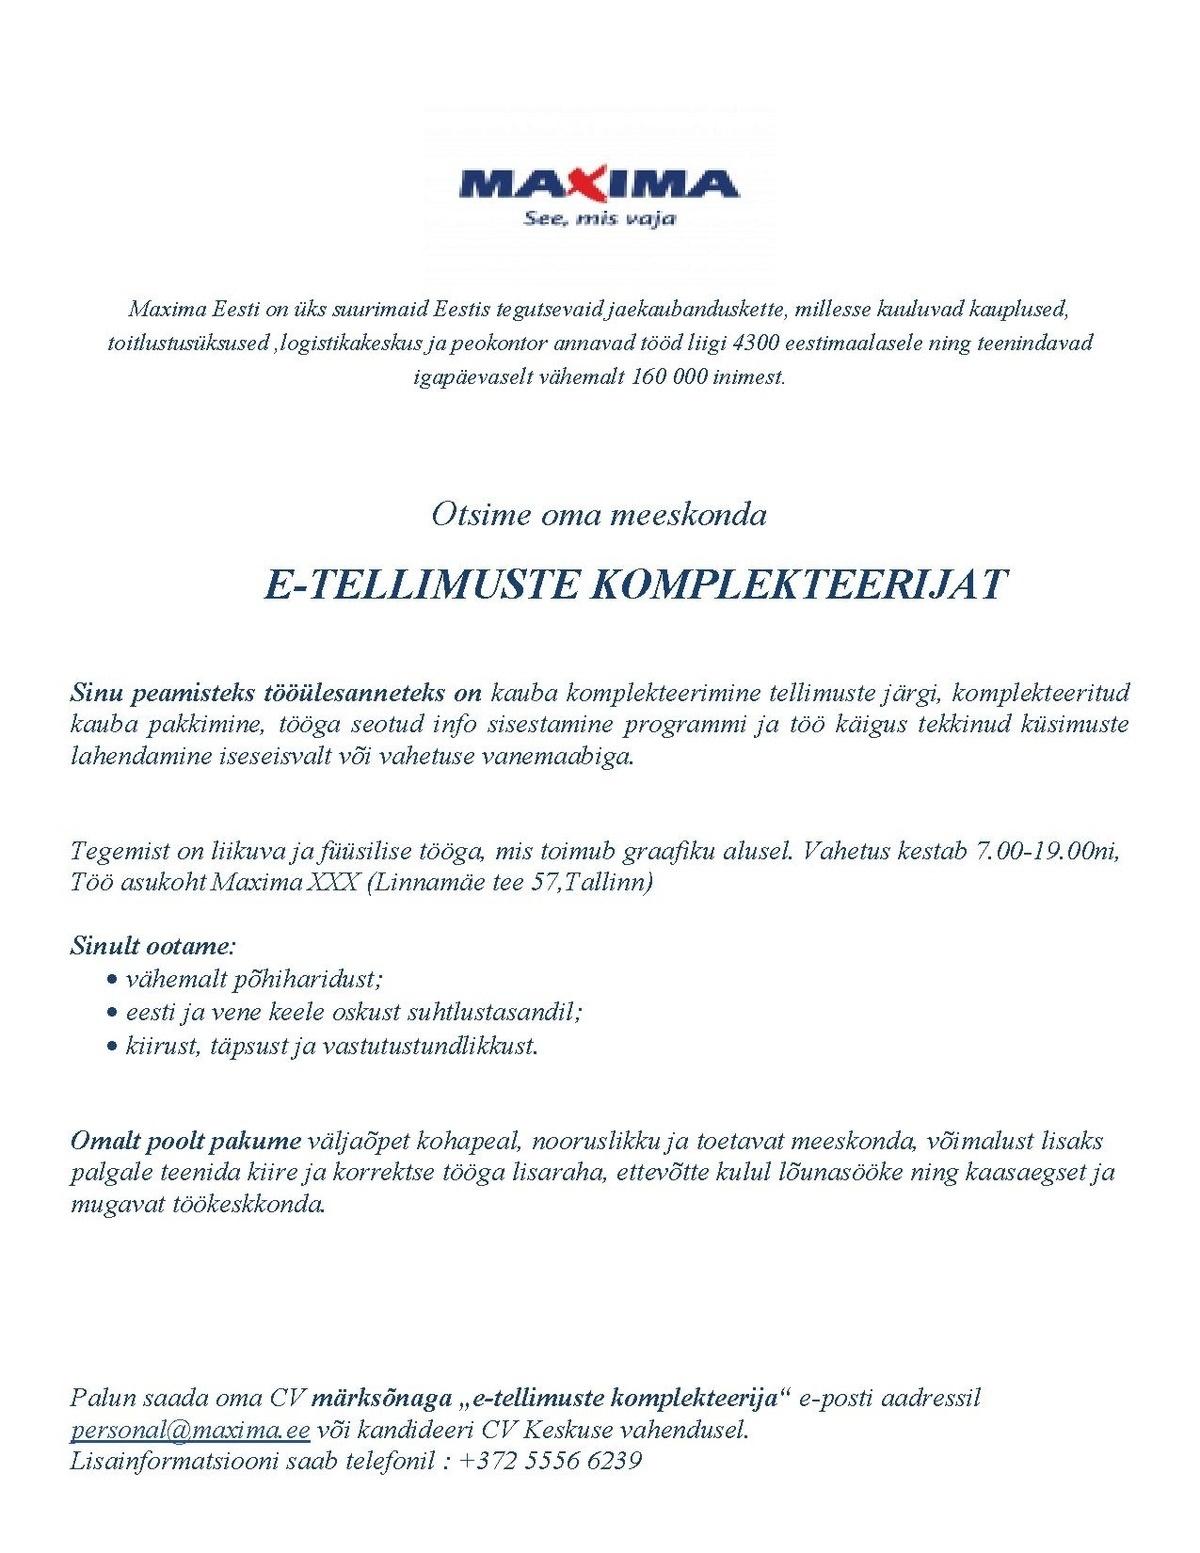 maxima logistikakeskus aadress